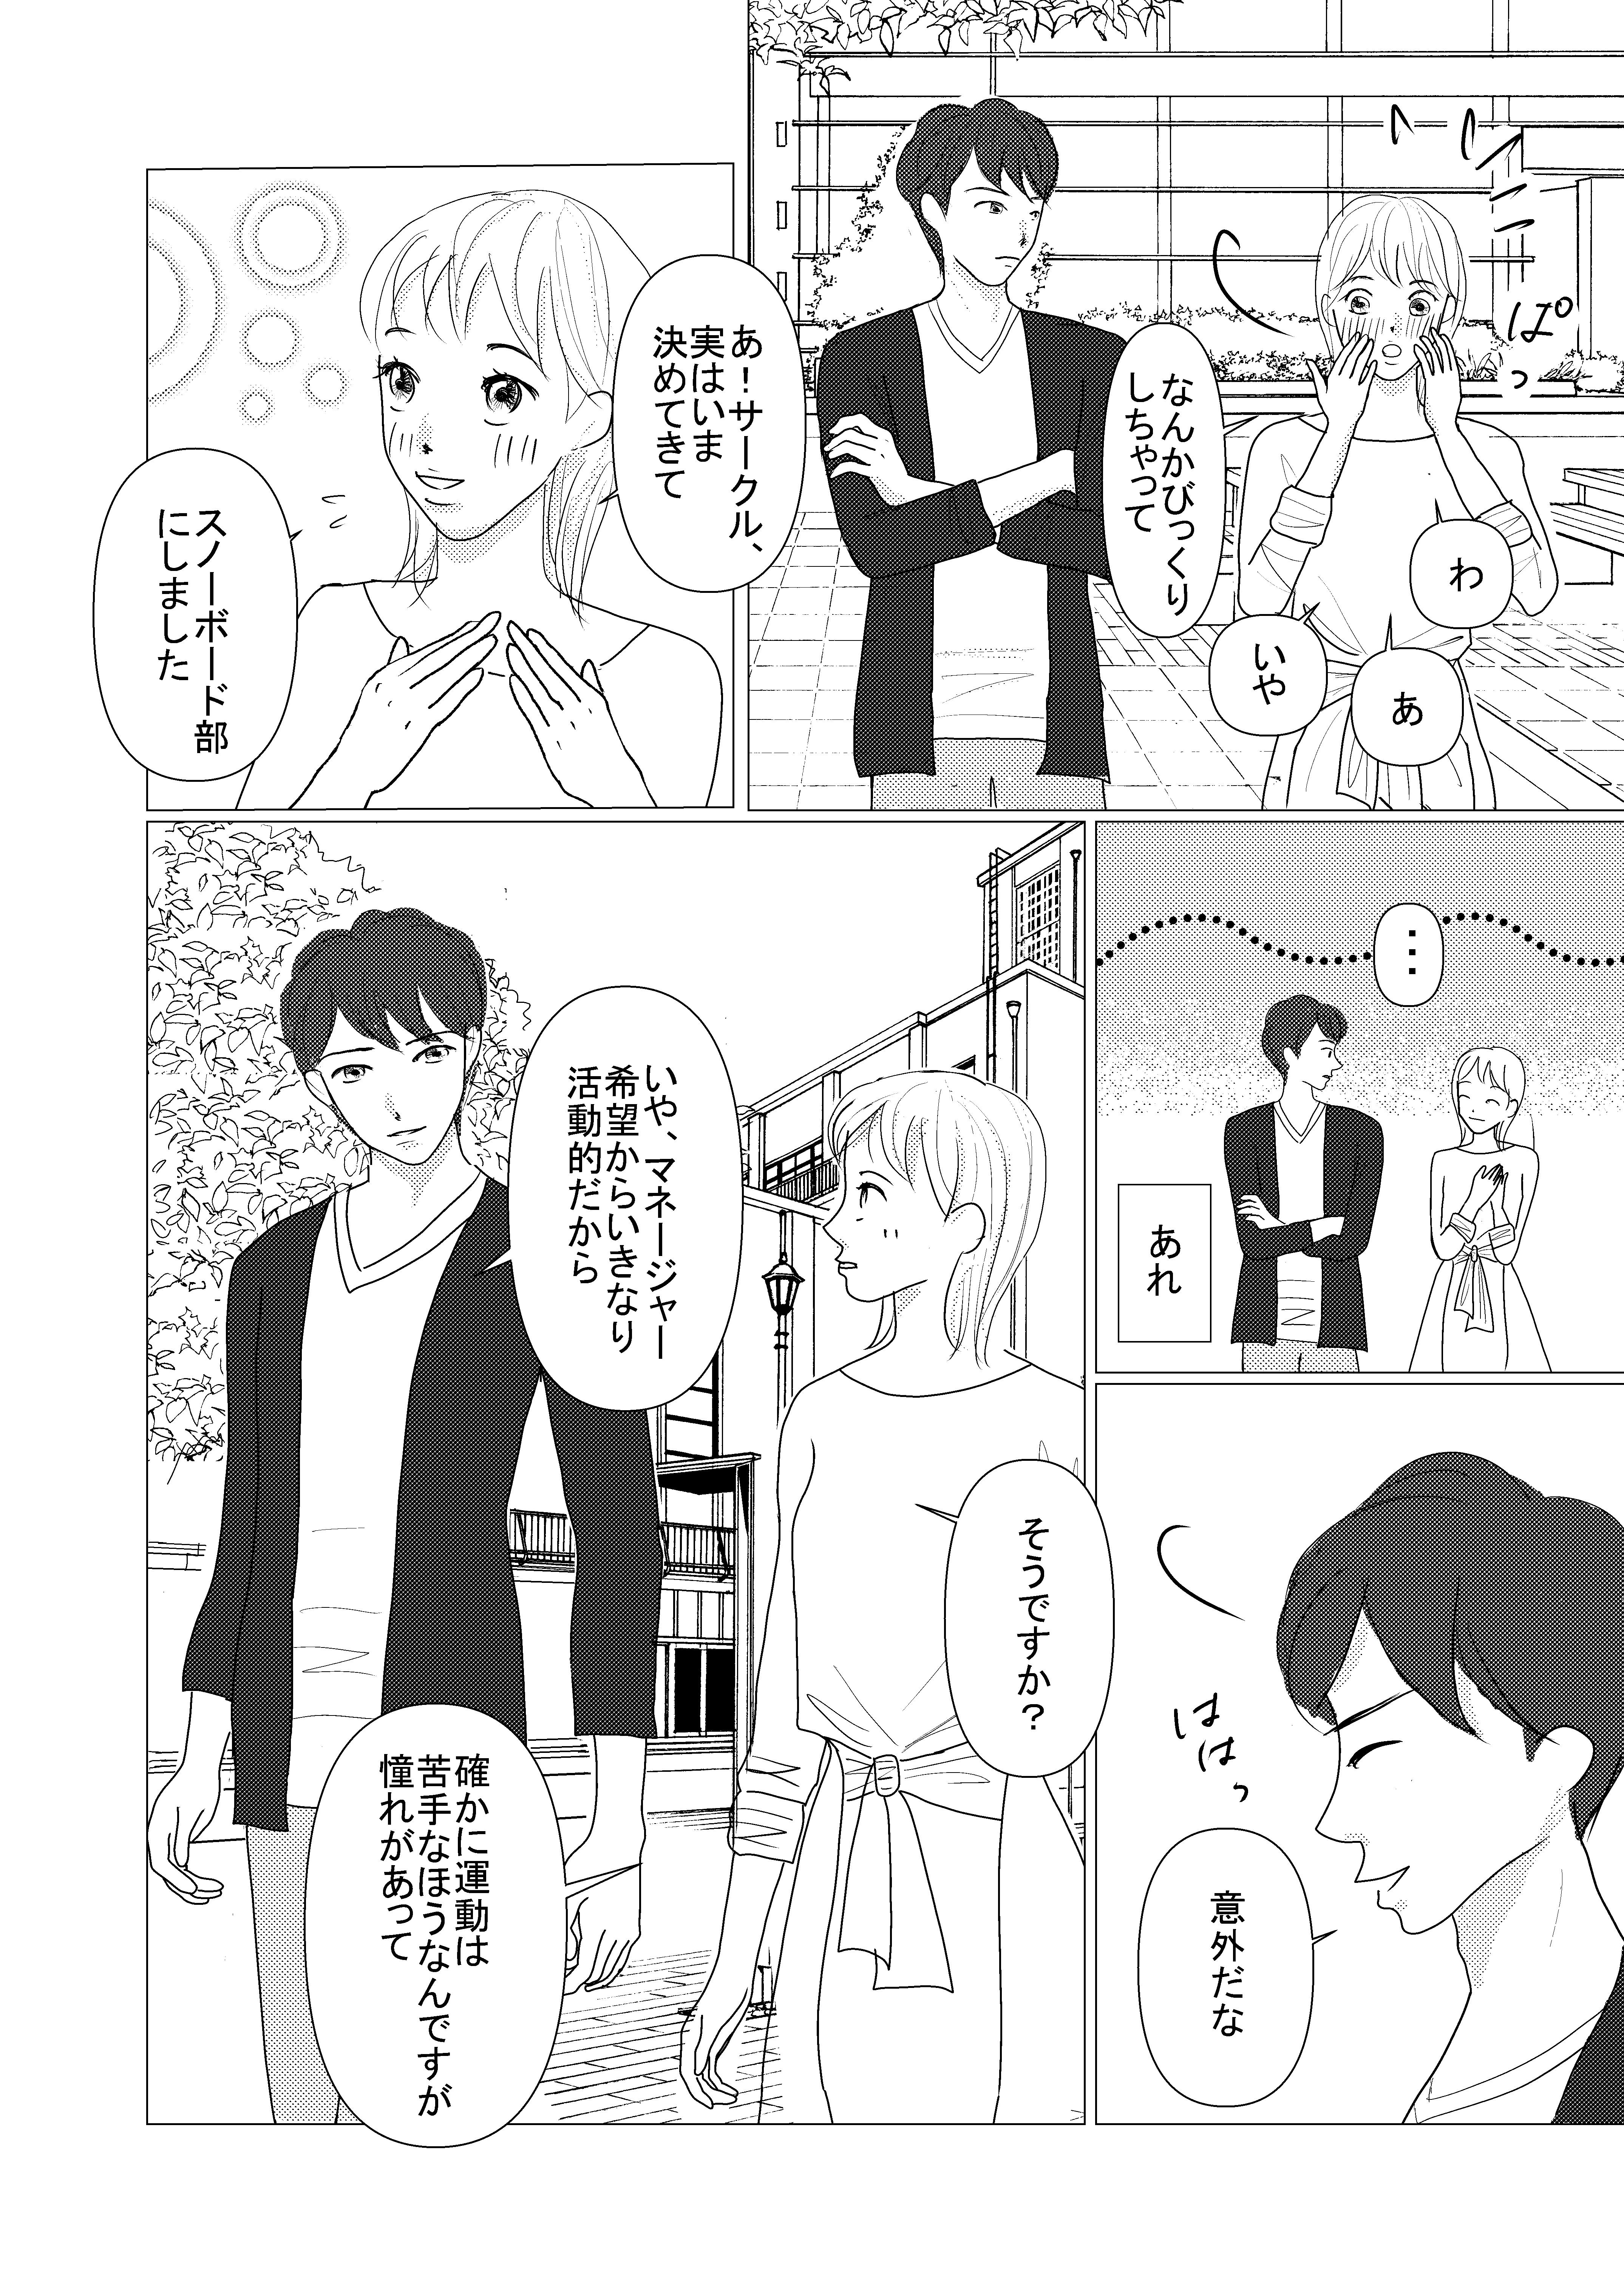 恋愛漫画/大学生/社会人/大学生で初めて付き合う/shoujyo manga/米加夢/34ページ